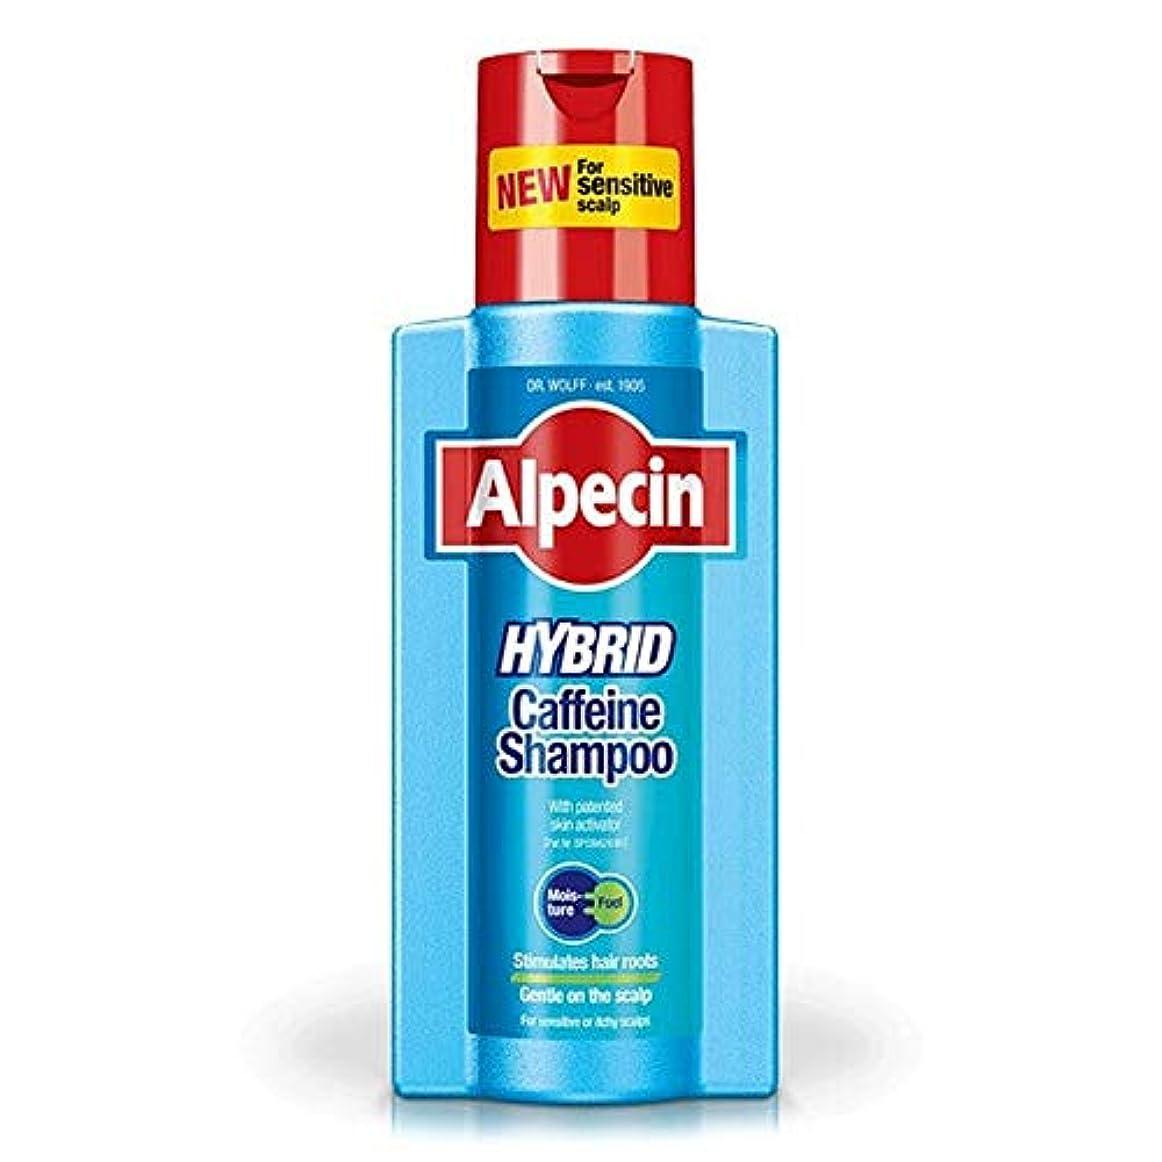 メロドラマ規模スパイラル[Alpecin] ハイブリッドシャンプー375ミリリットルAlpecin - Alpecin Hybrid Shampoo 375ml [並行輸入品]